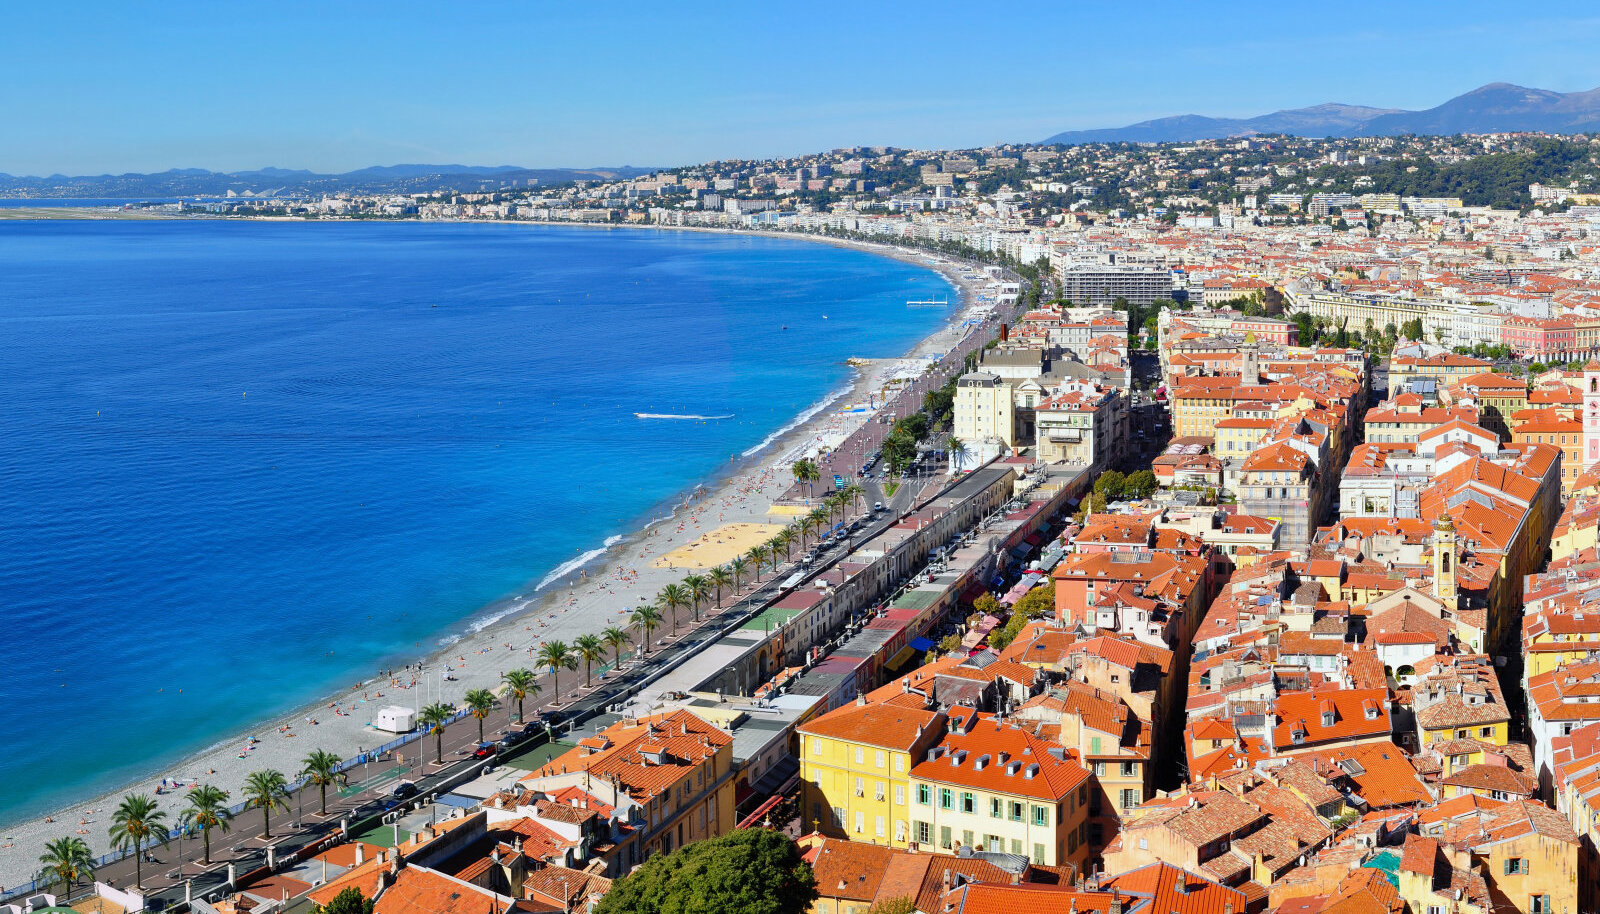 Nizza, Côte d'Azur.